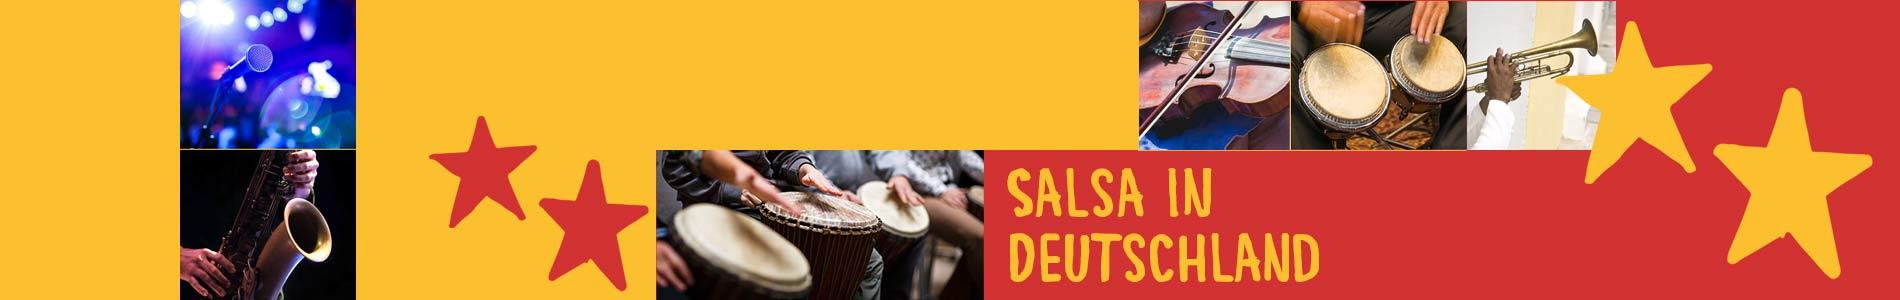 Salsa in Burtenbach – Salsa lernen und tanzen, Tanzkurse, Partys, Veranstaltungen